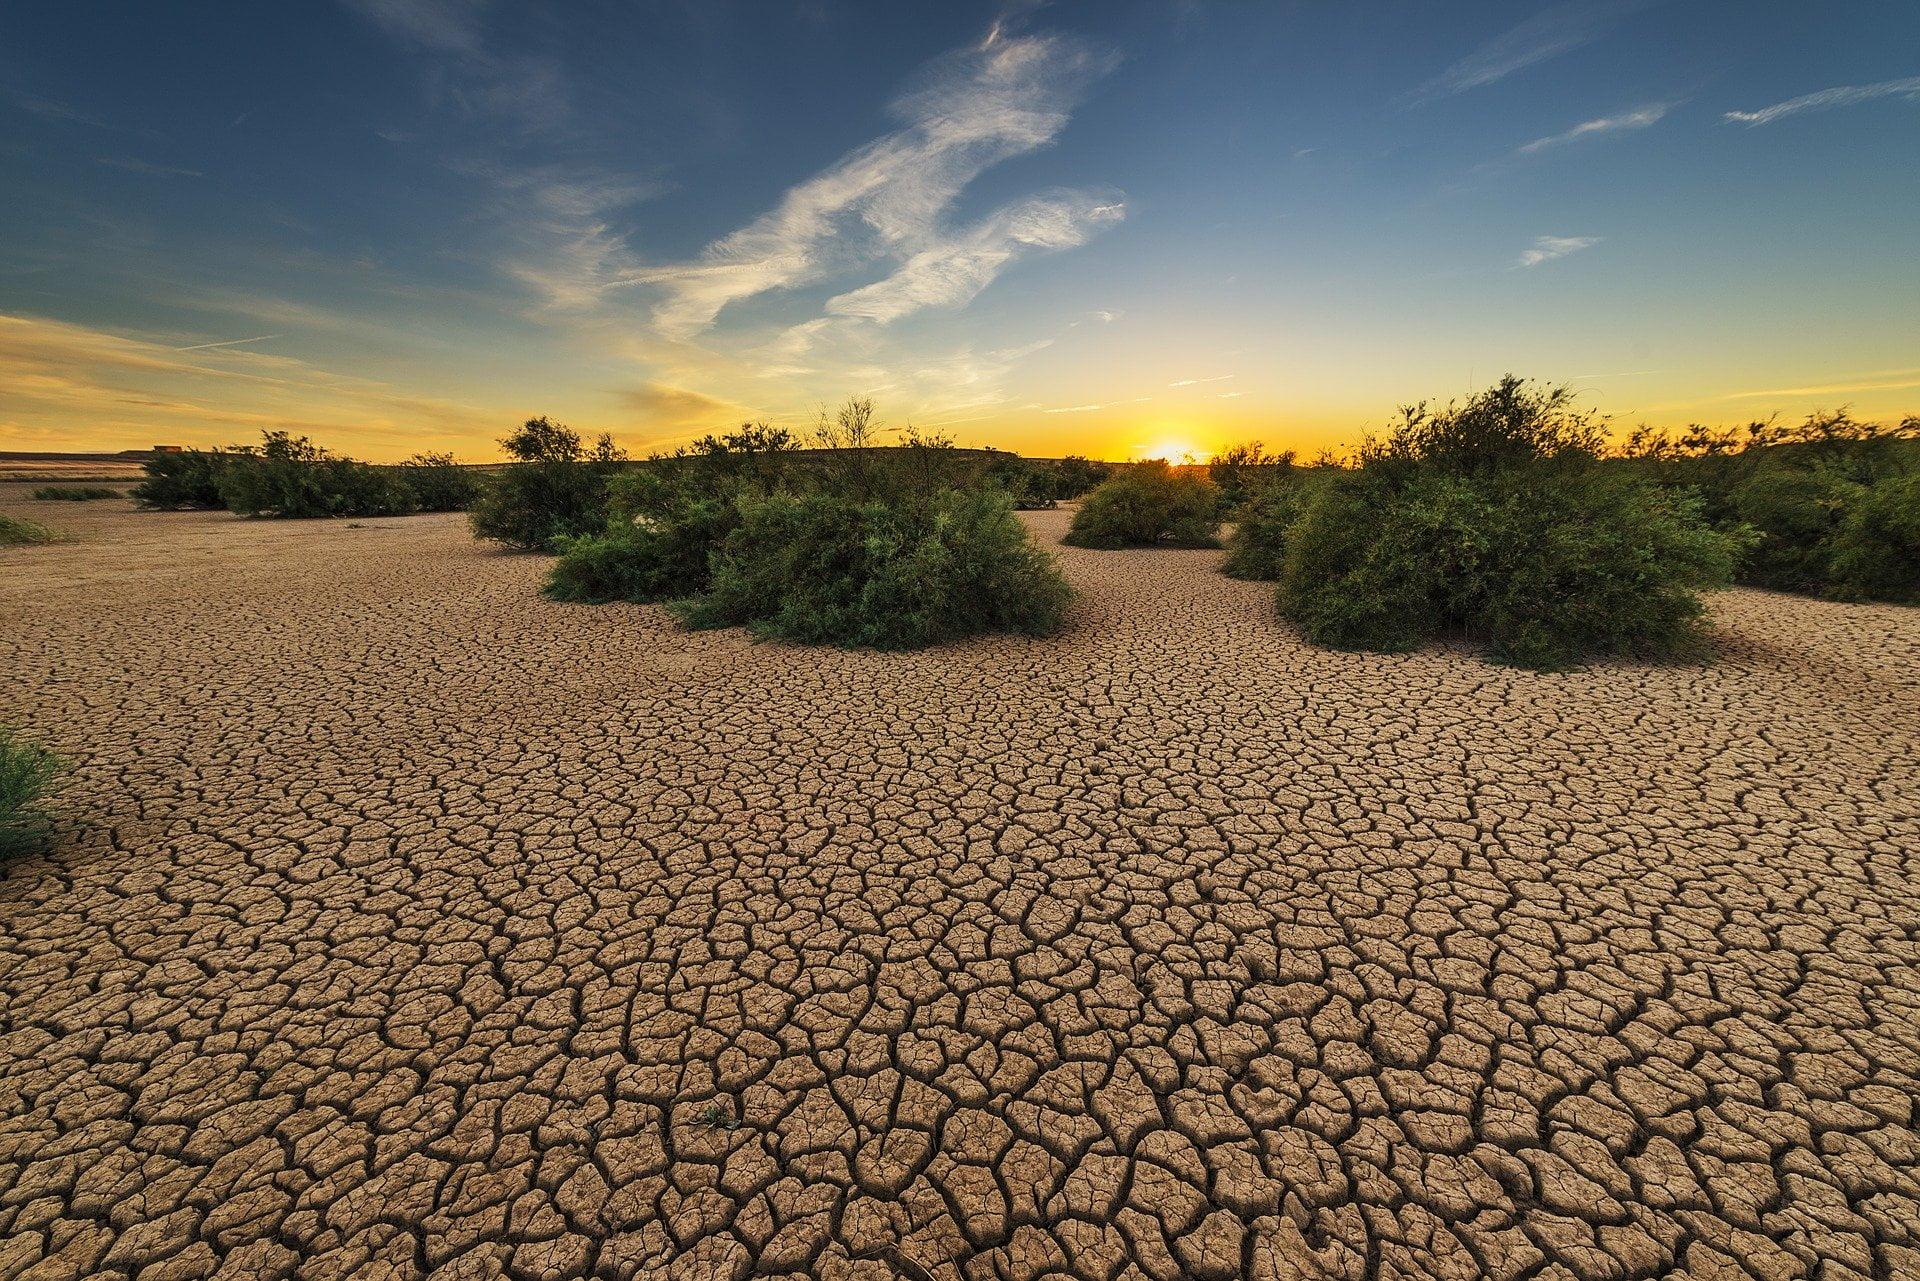 Eksperci przestrzegają przed największą suszą od dziesiątków lat